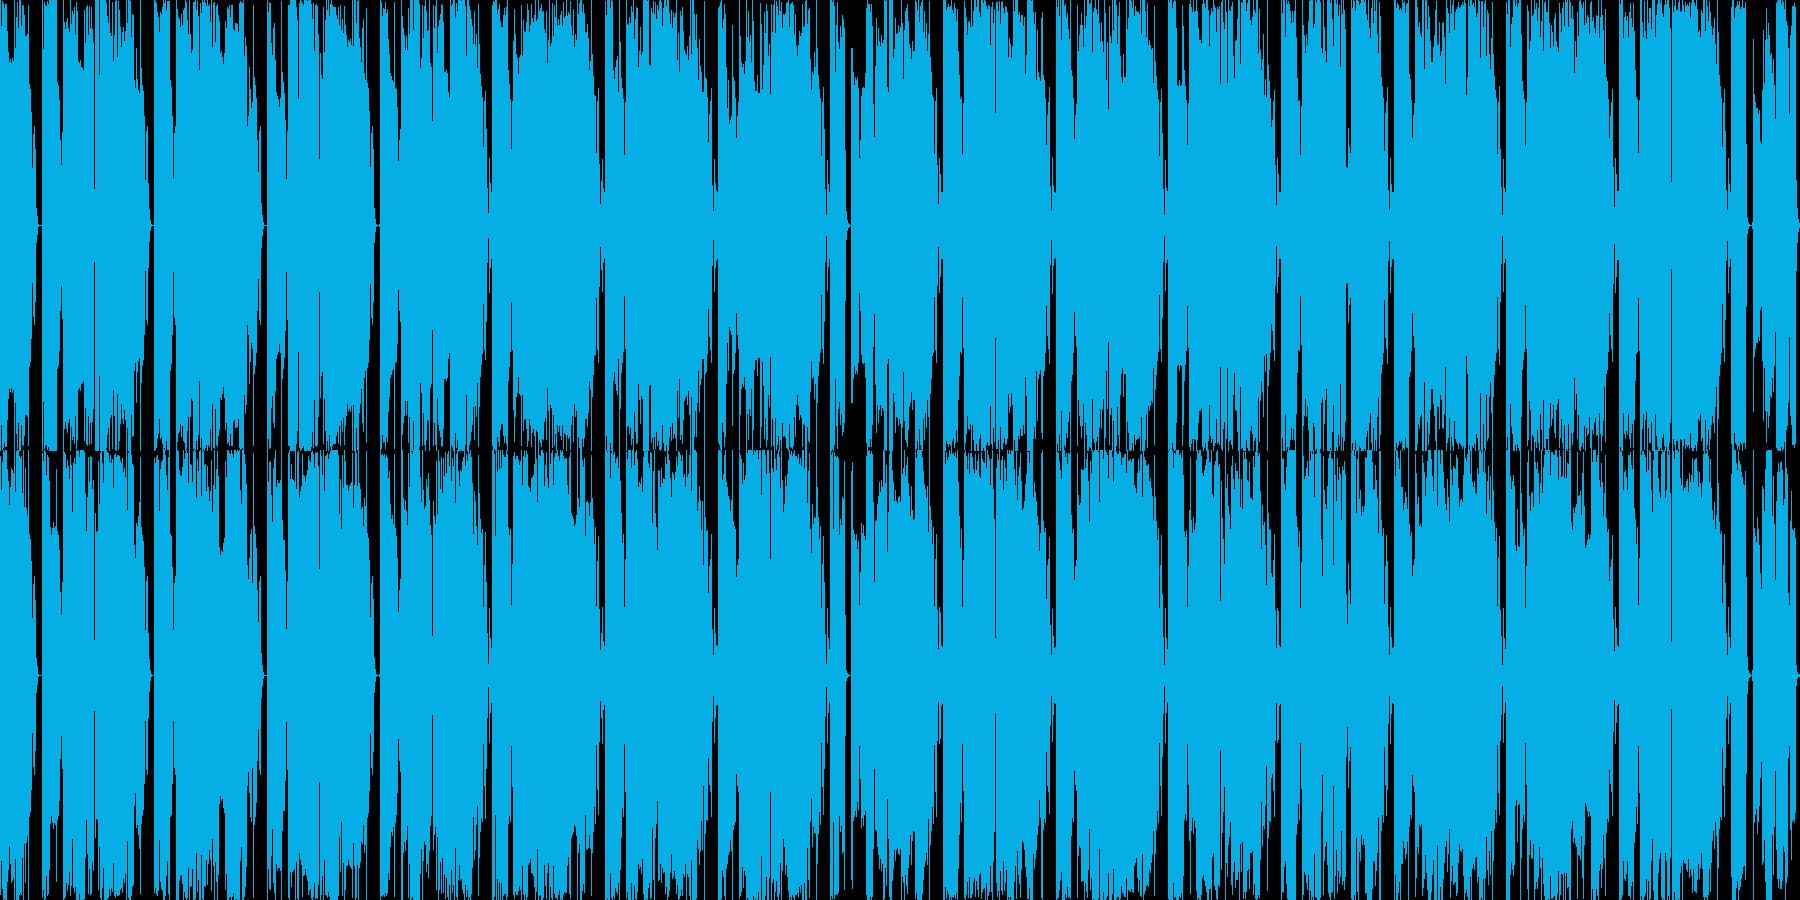 シンプルなEDMサウンドのインストの再生済みの波形